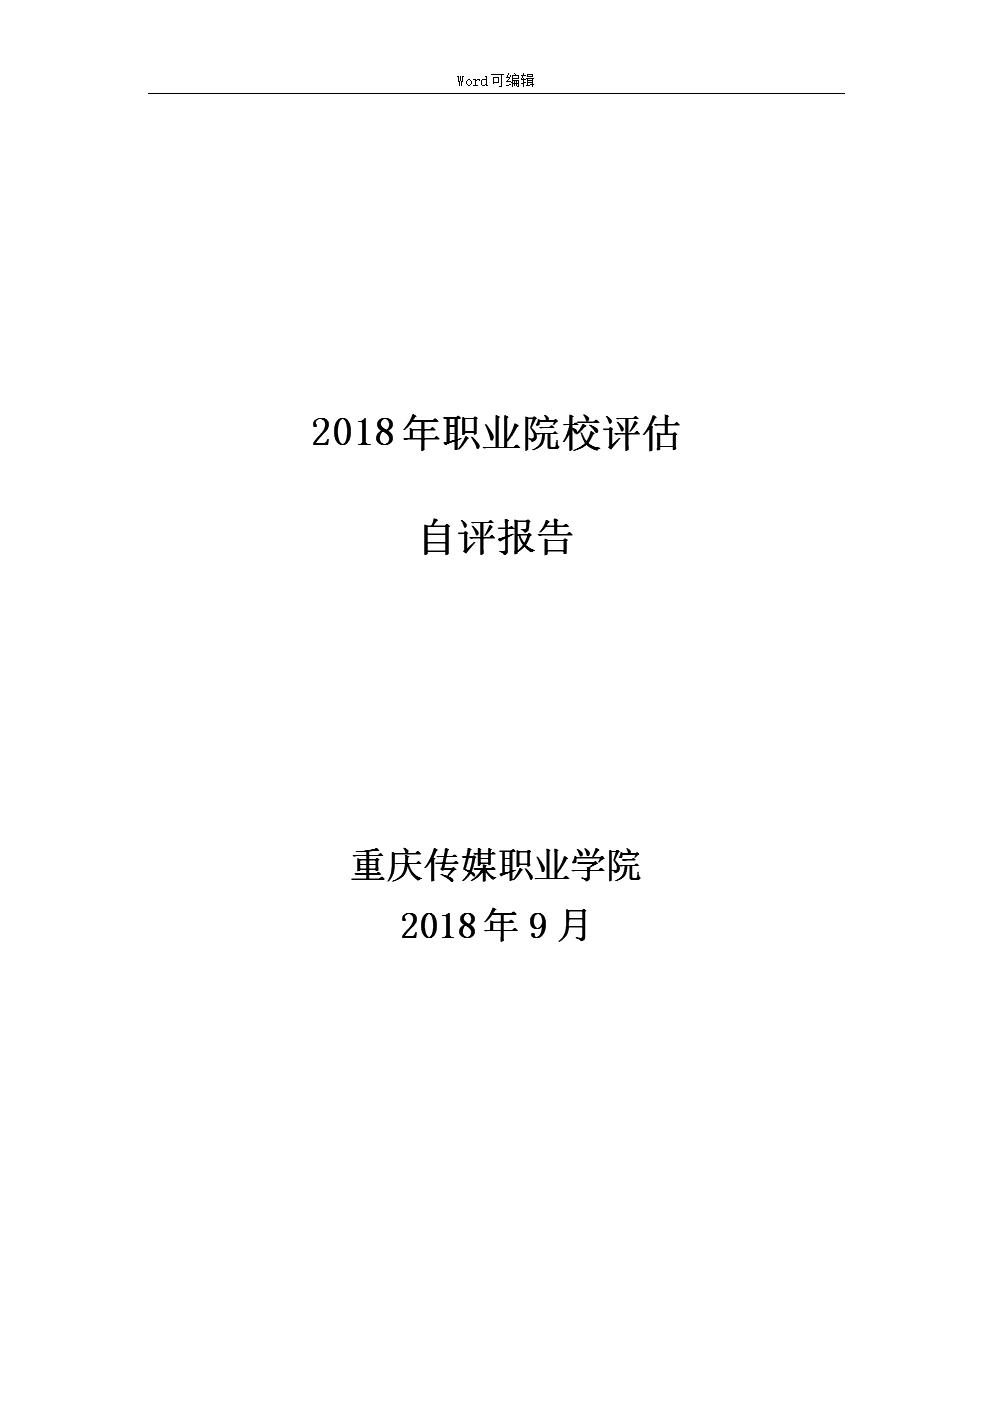 重庆传媒职学院版.doc